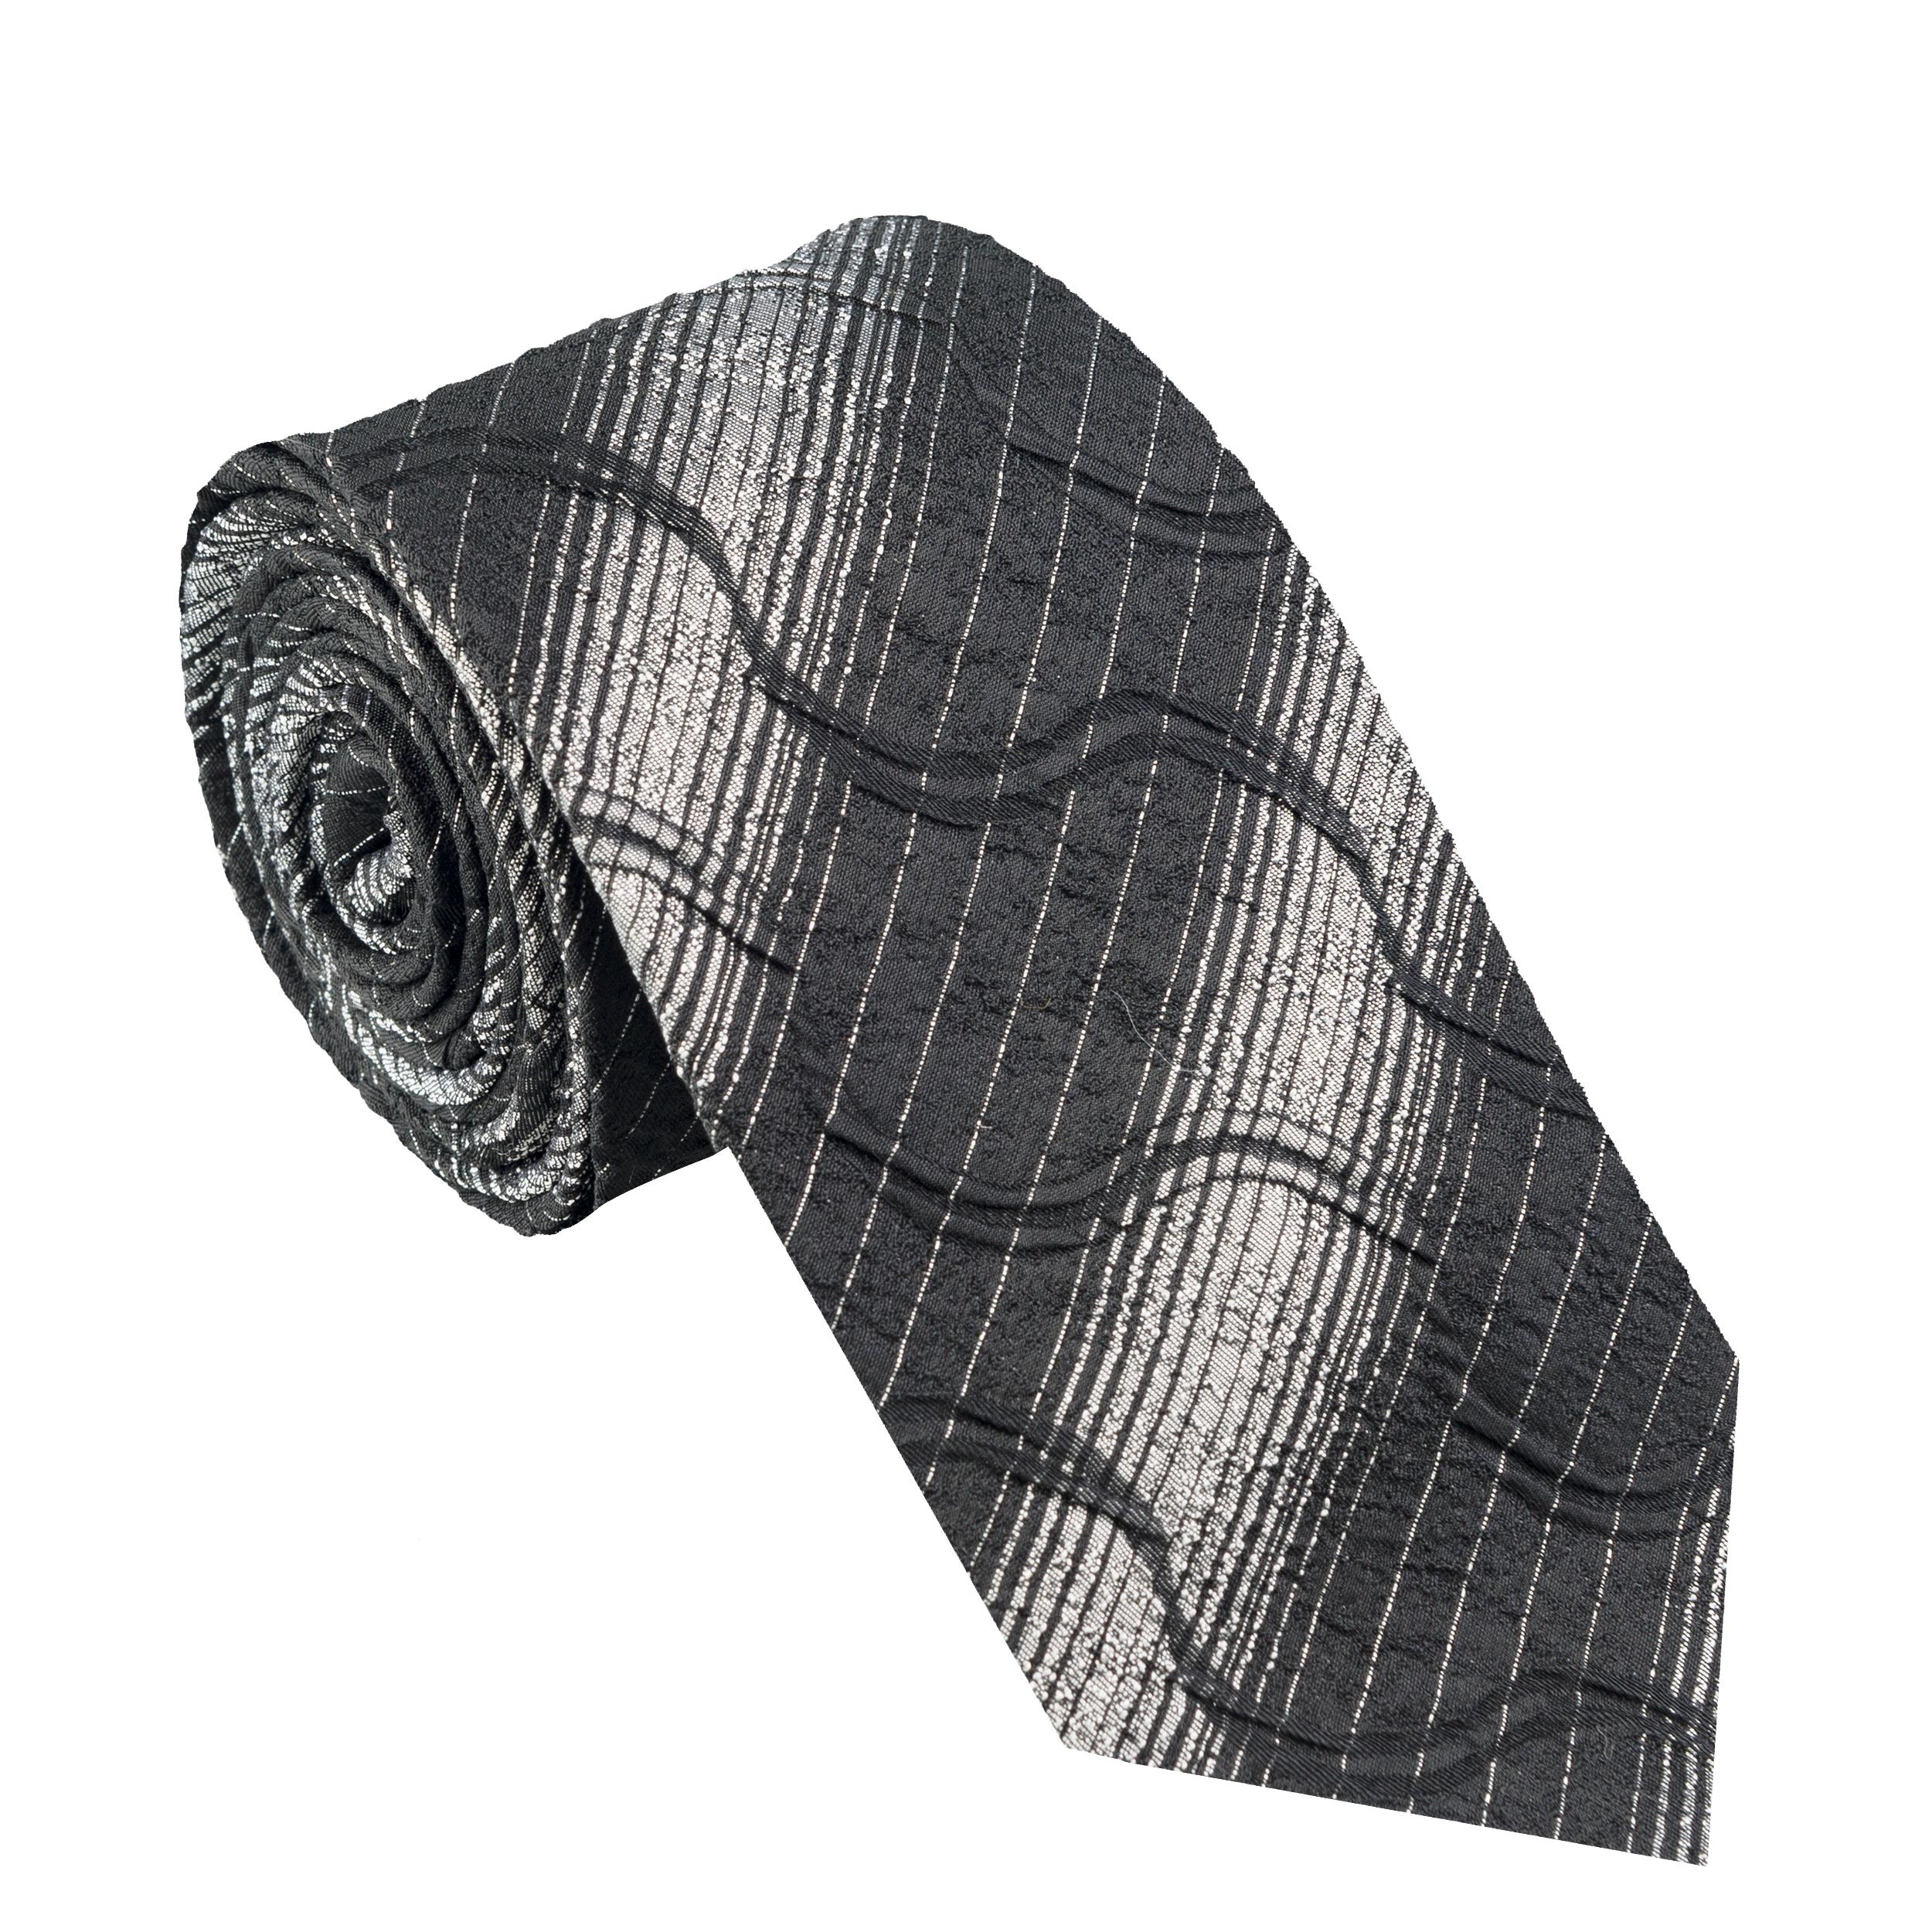 کراوات مردانه جیان فرانکو روسی مدل GF-ST899-BK